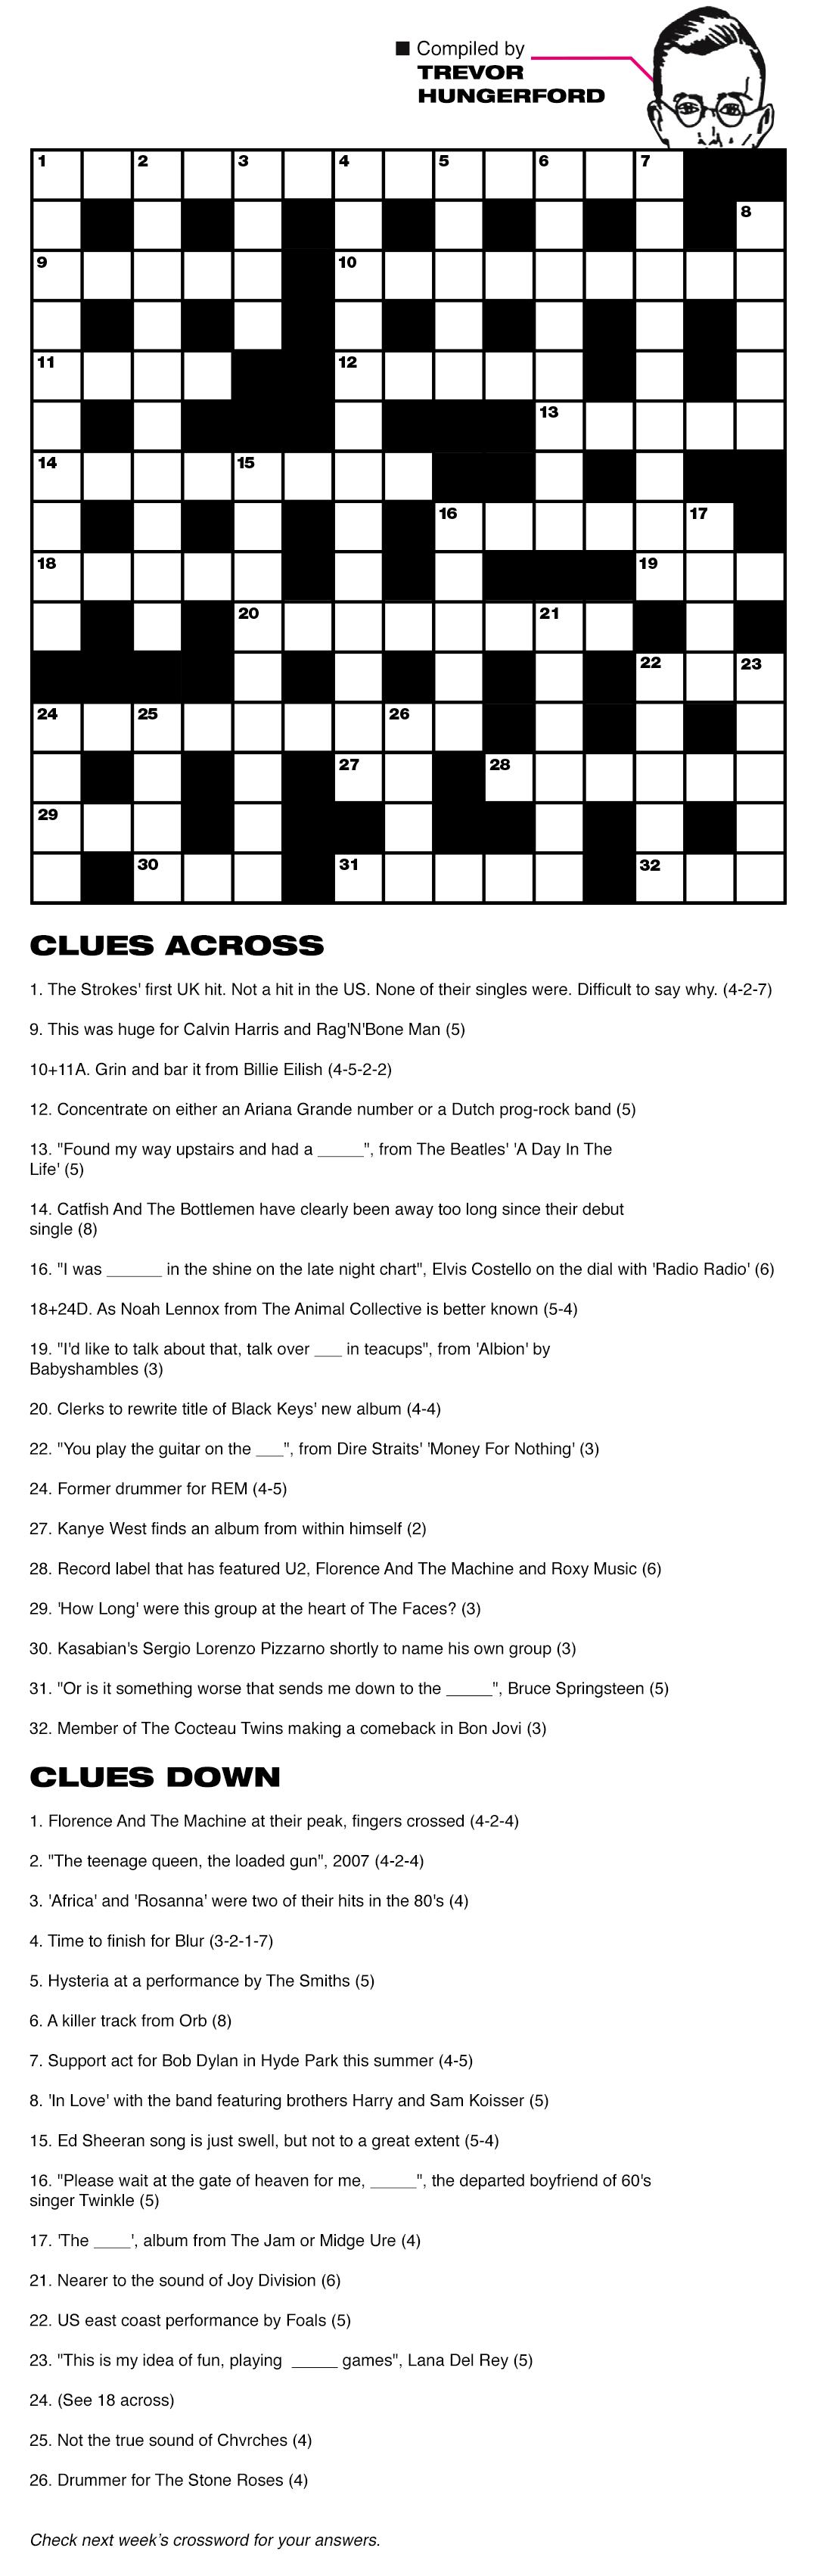 Crossword week 17